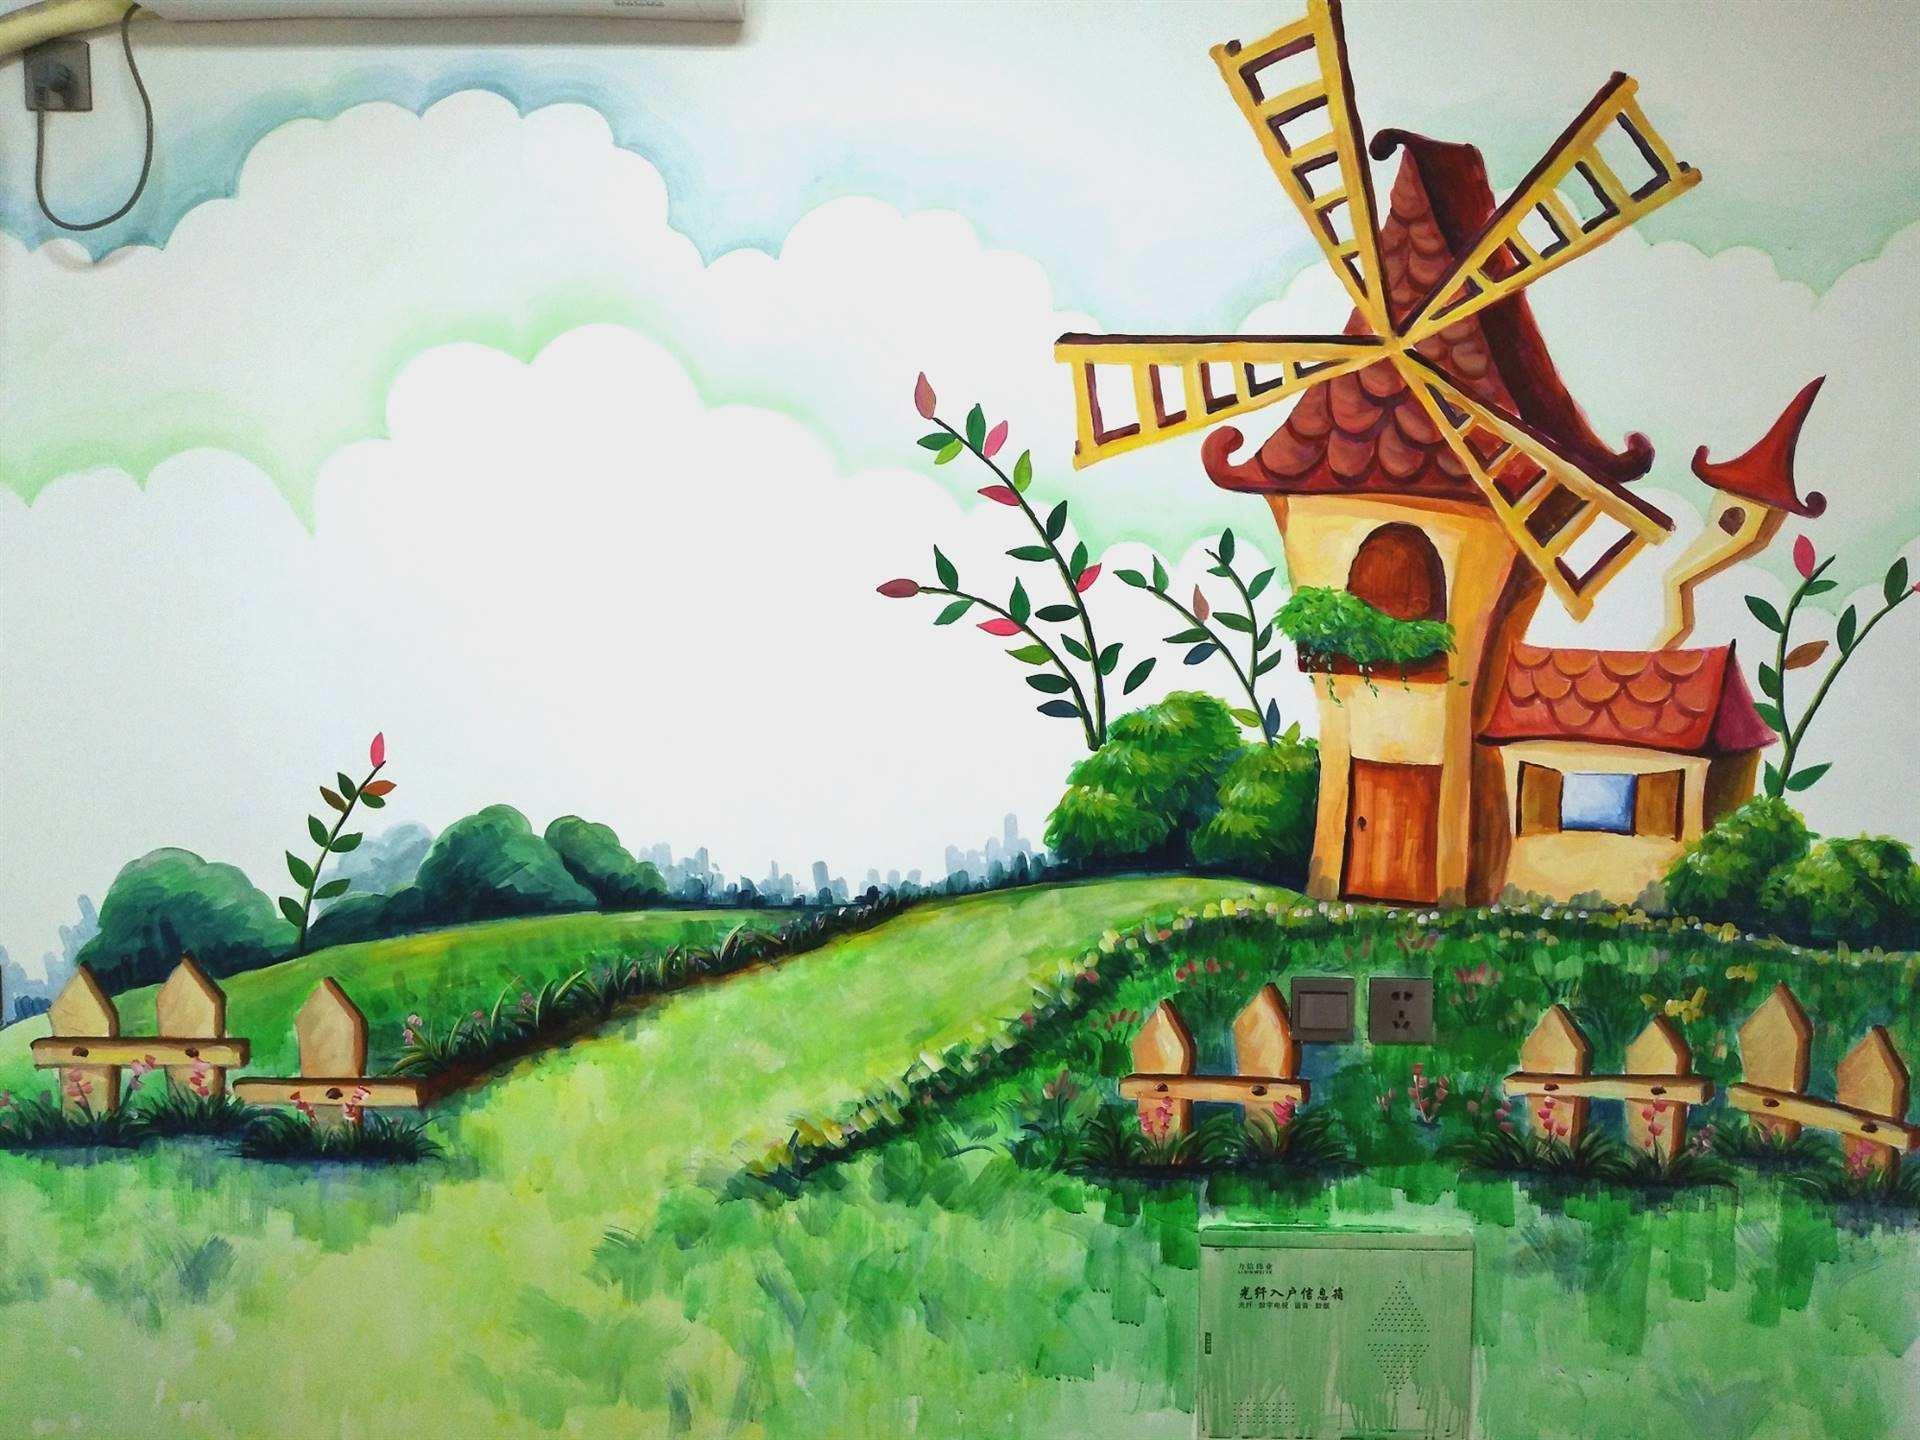 上饶墙上绘画,上饶美丽乡村墙体彩绘,上饶墙绘墙体彩绘,上饶3d画墙绘